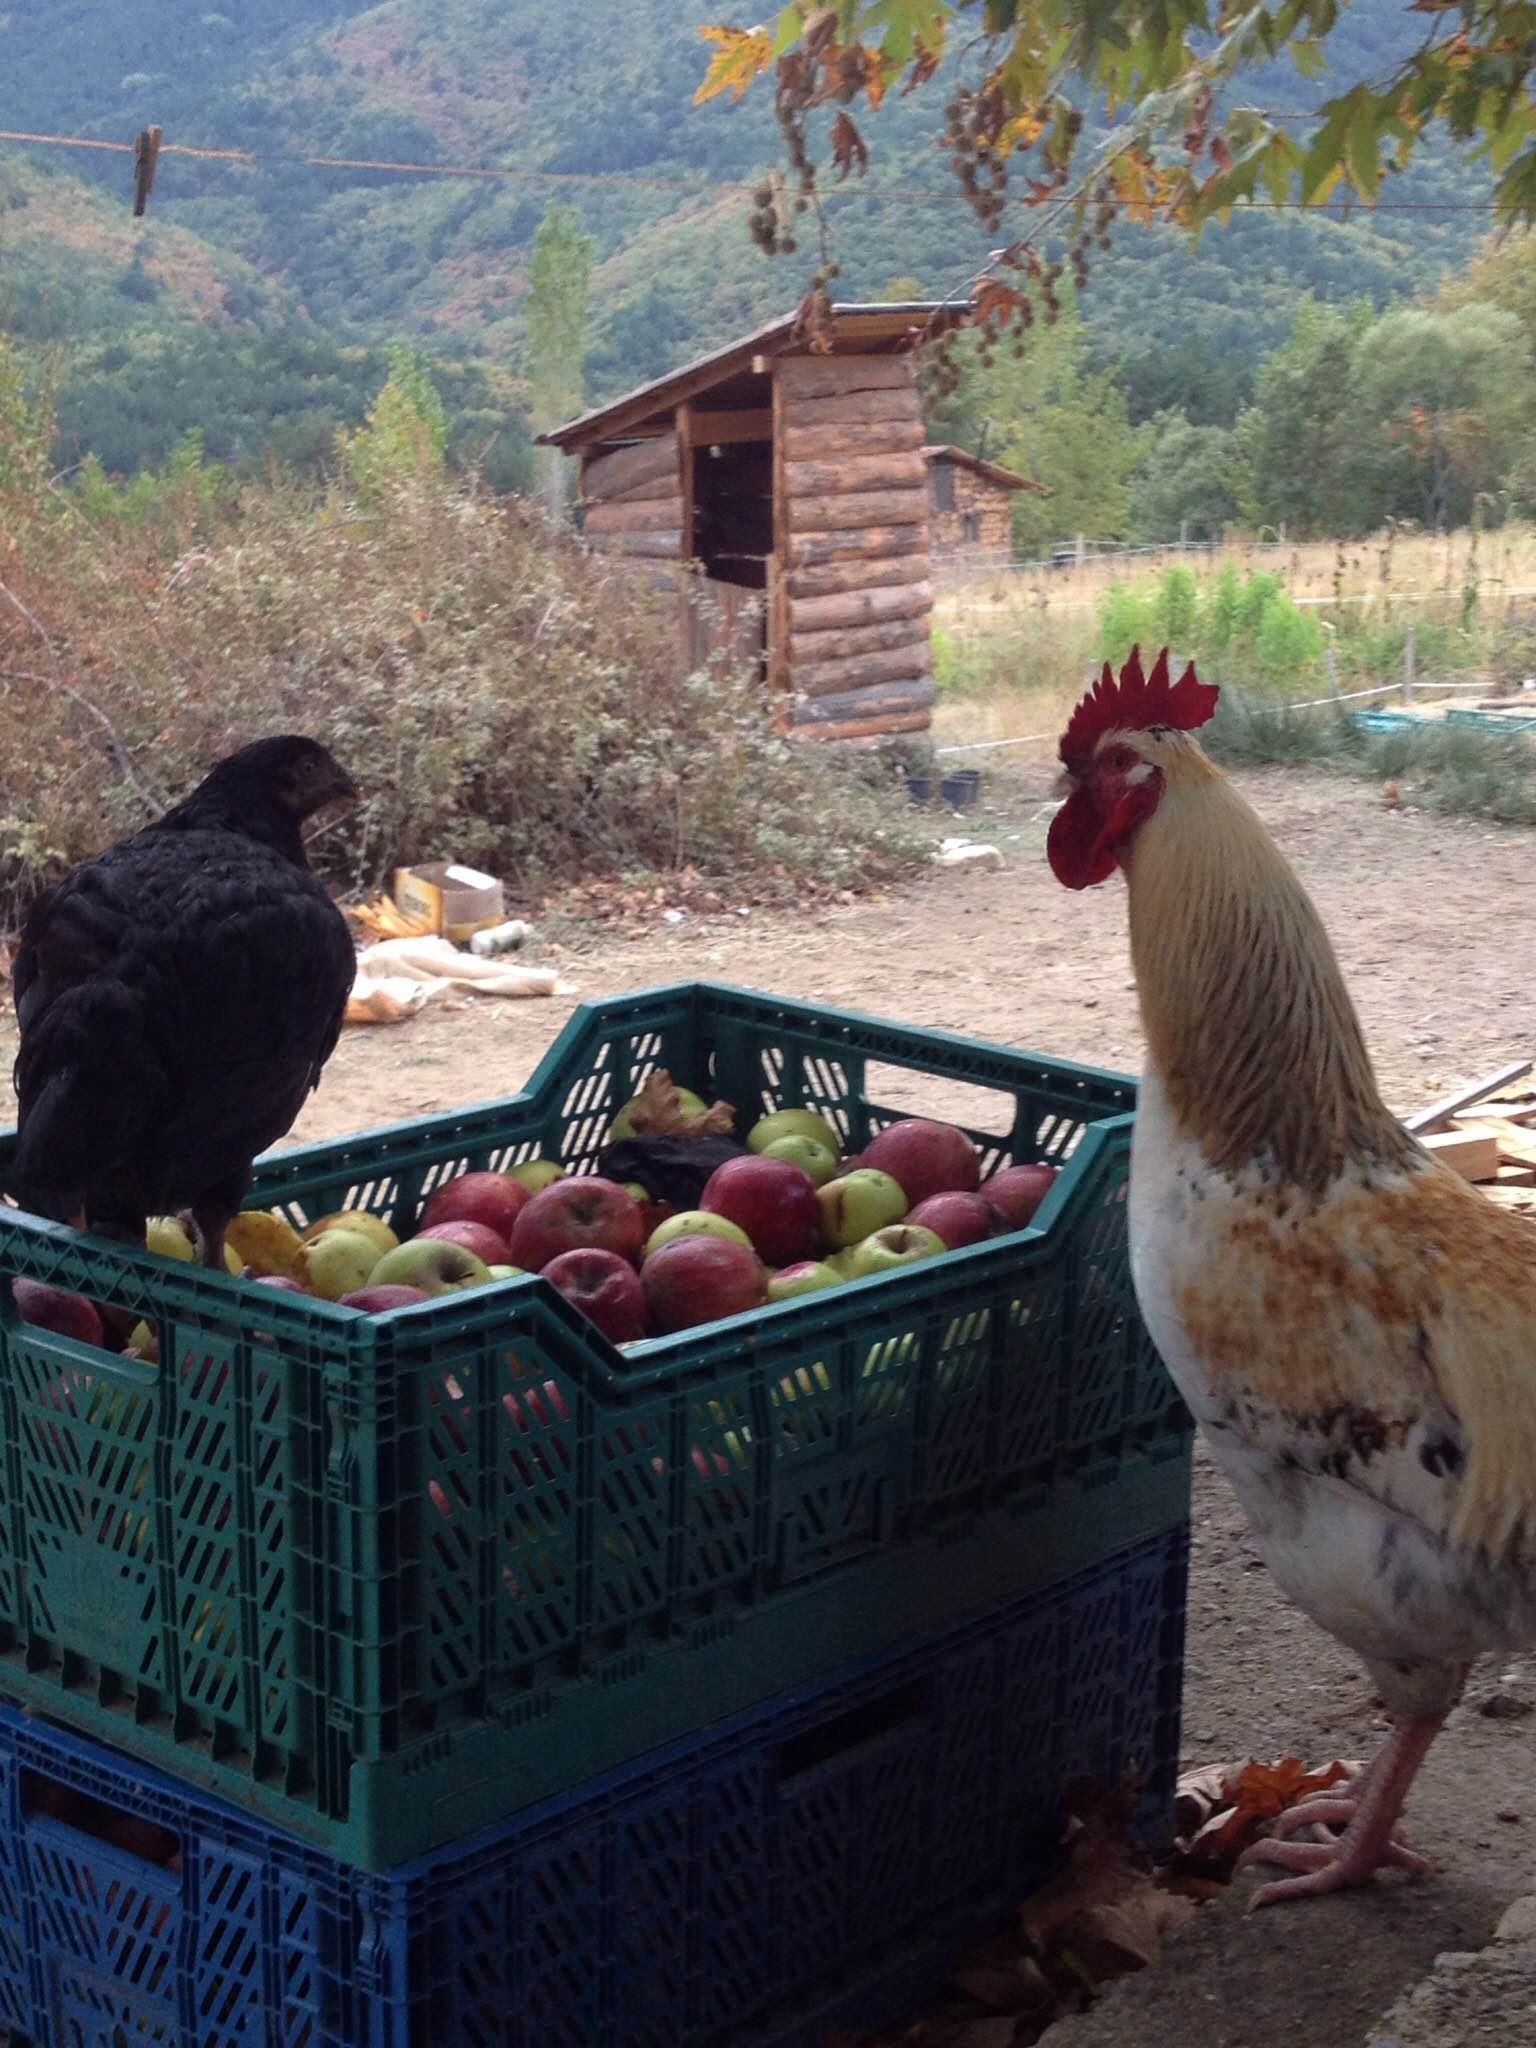 tavuklara da elma.jpg